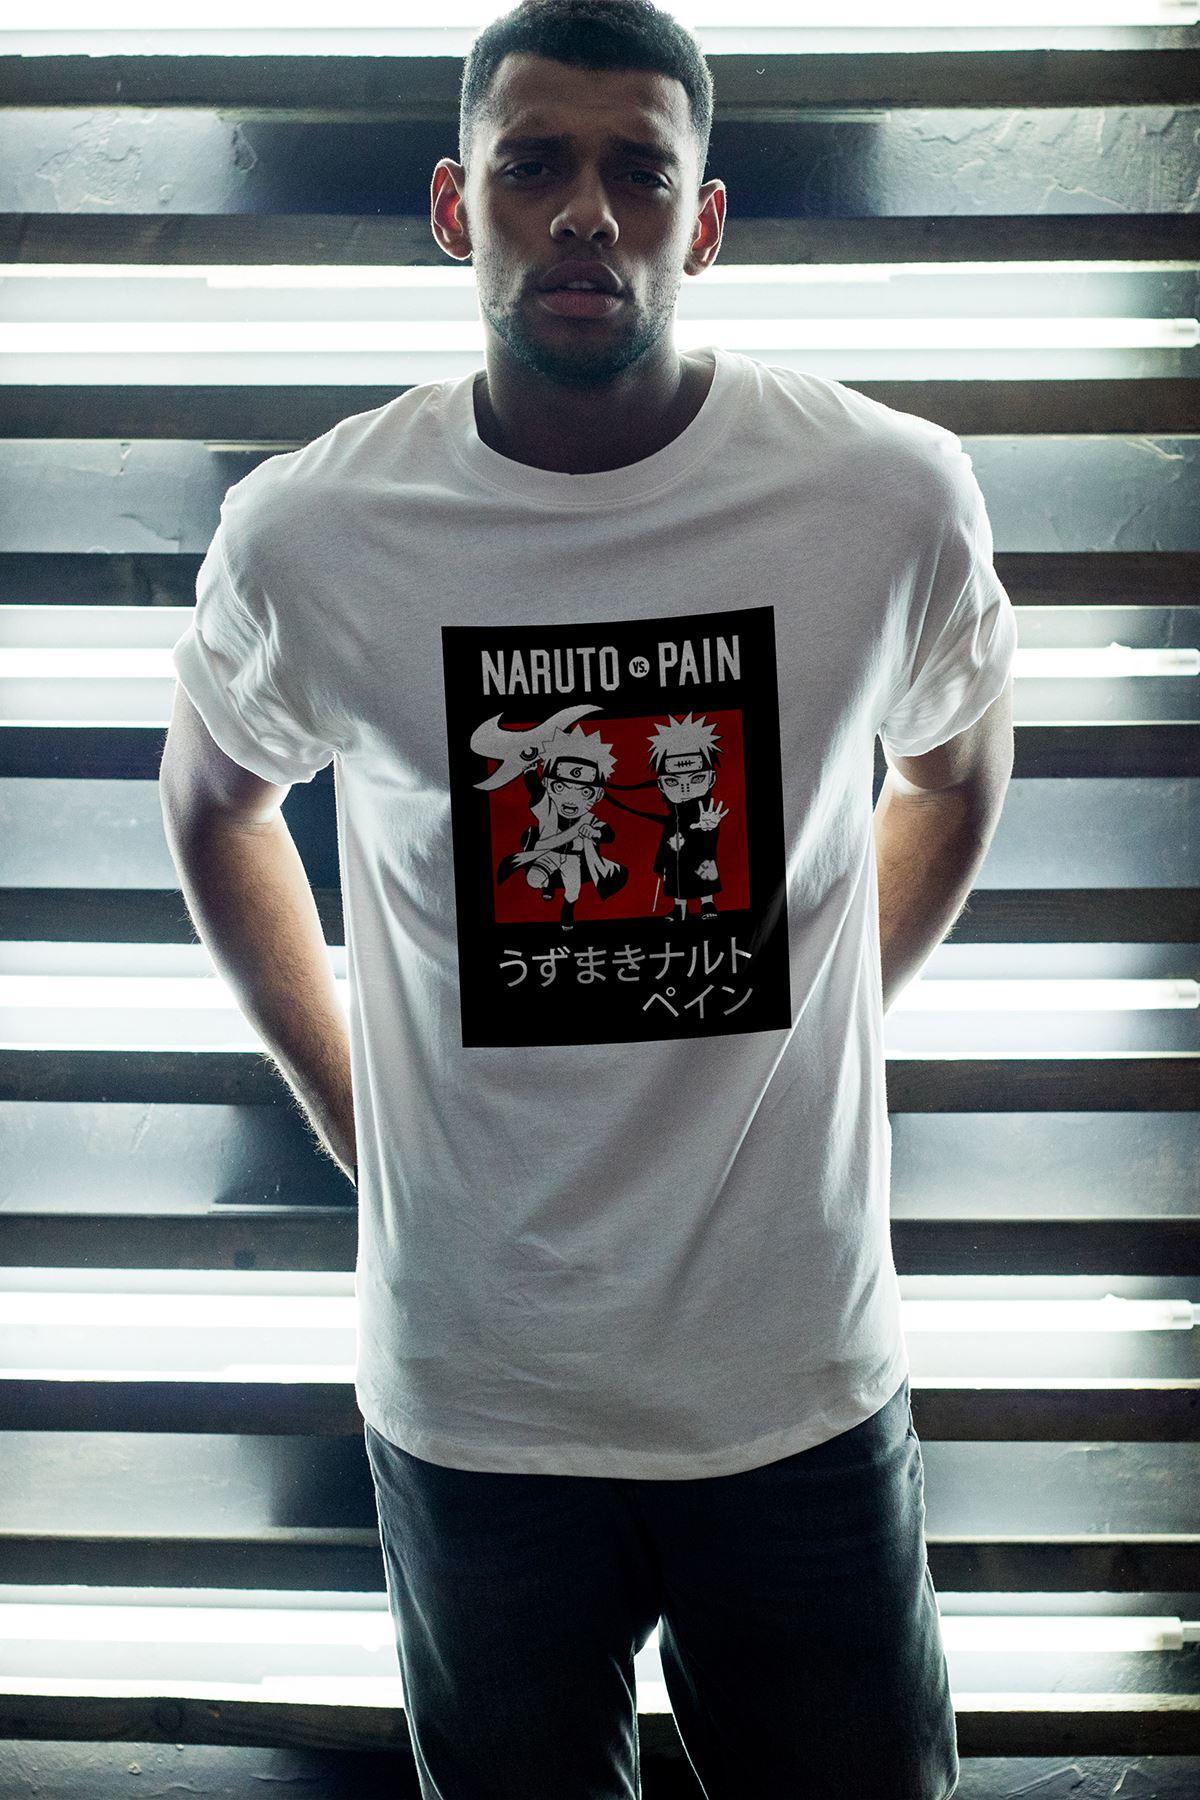 Naruto Anime 04 Beyaz Erkek Oversize Tshirt - Tişört